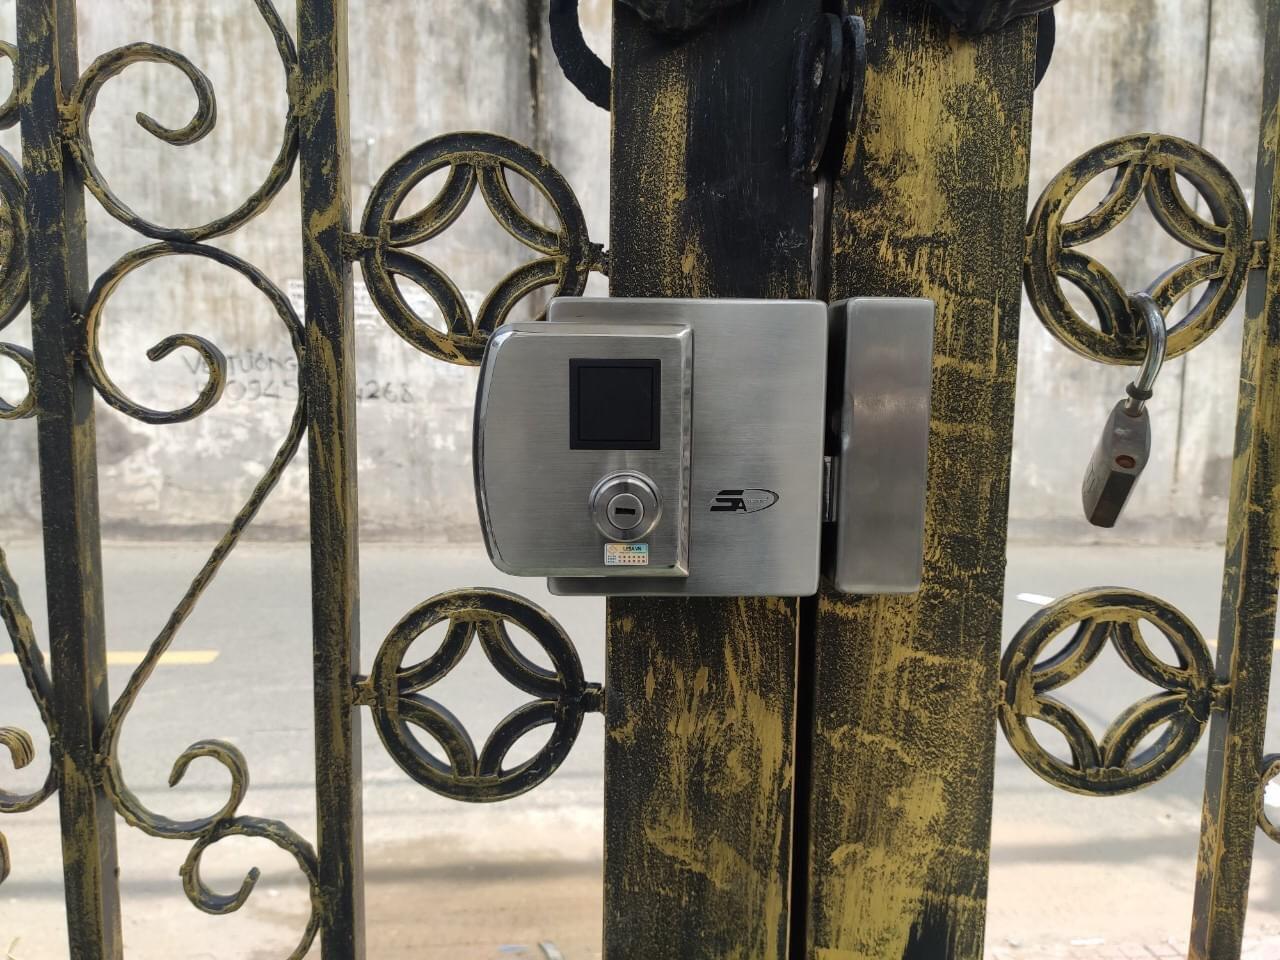 Khoá cửa vân tay 5ASYSTEMS 5A DS1000 PRO - Được Phân Phối Tại Hà Nội 365